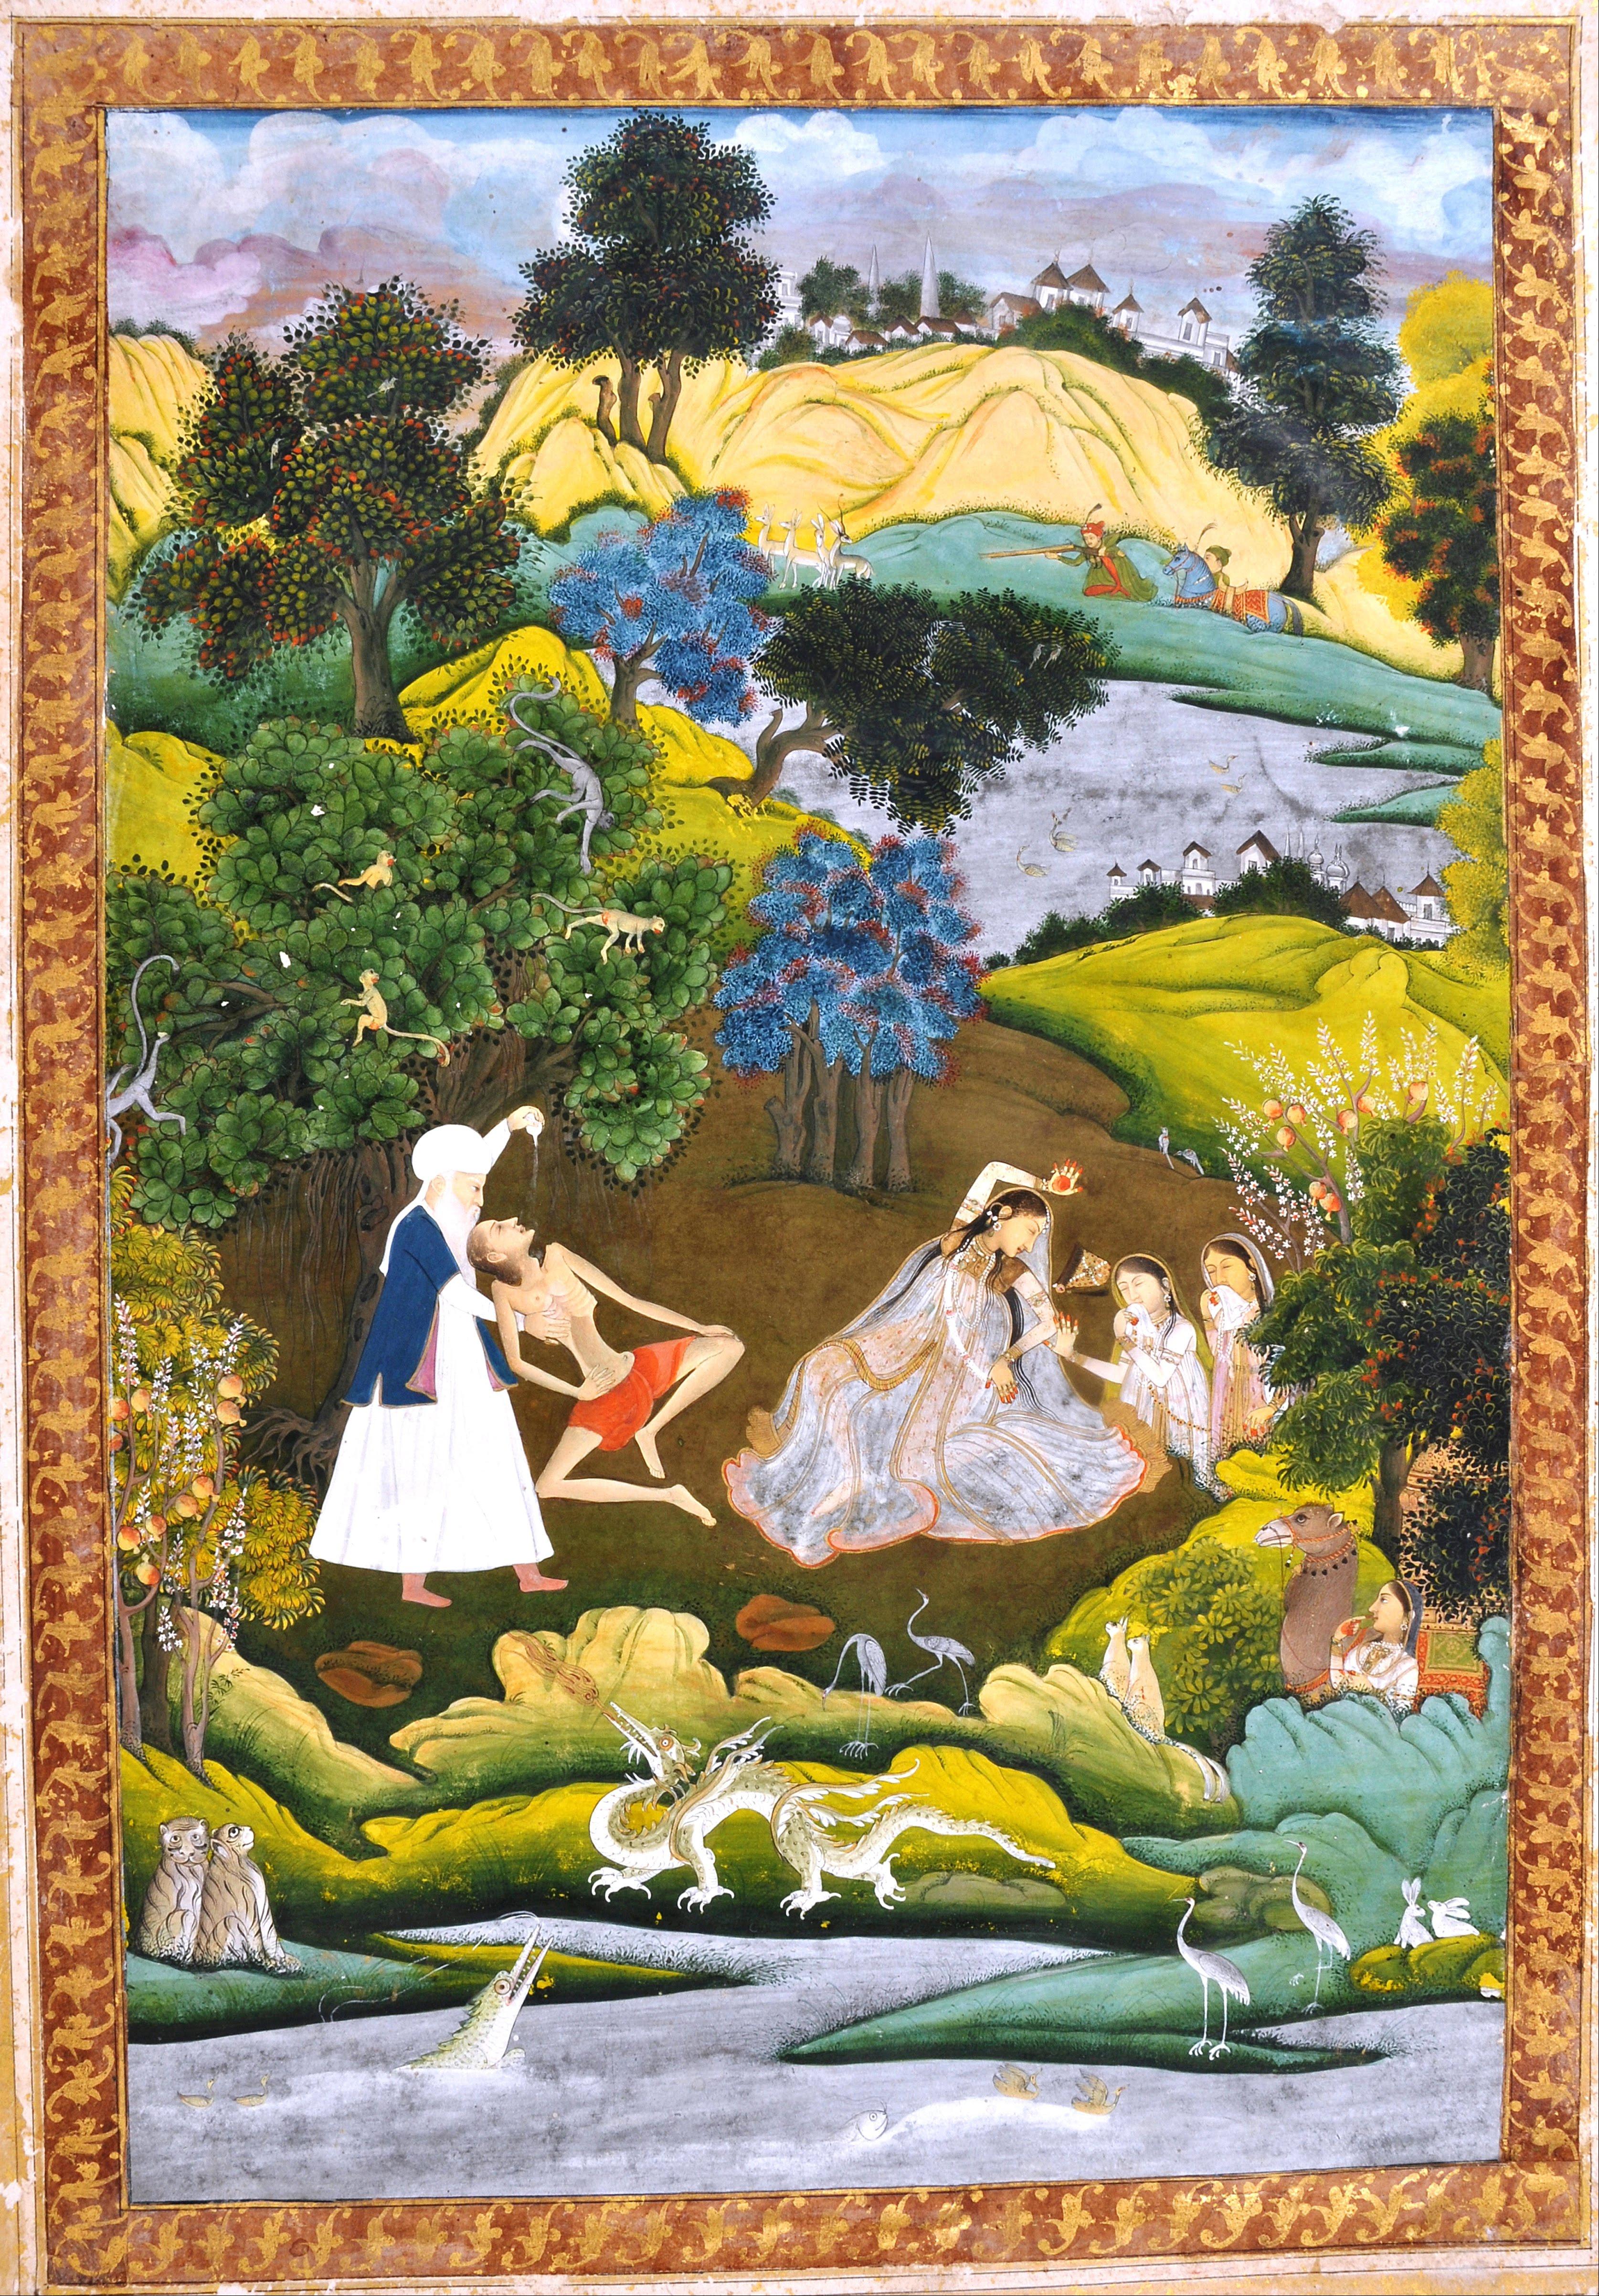 Collezione del Panj Ganj di Nezami